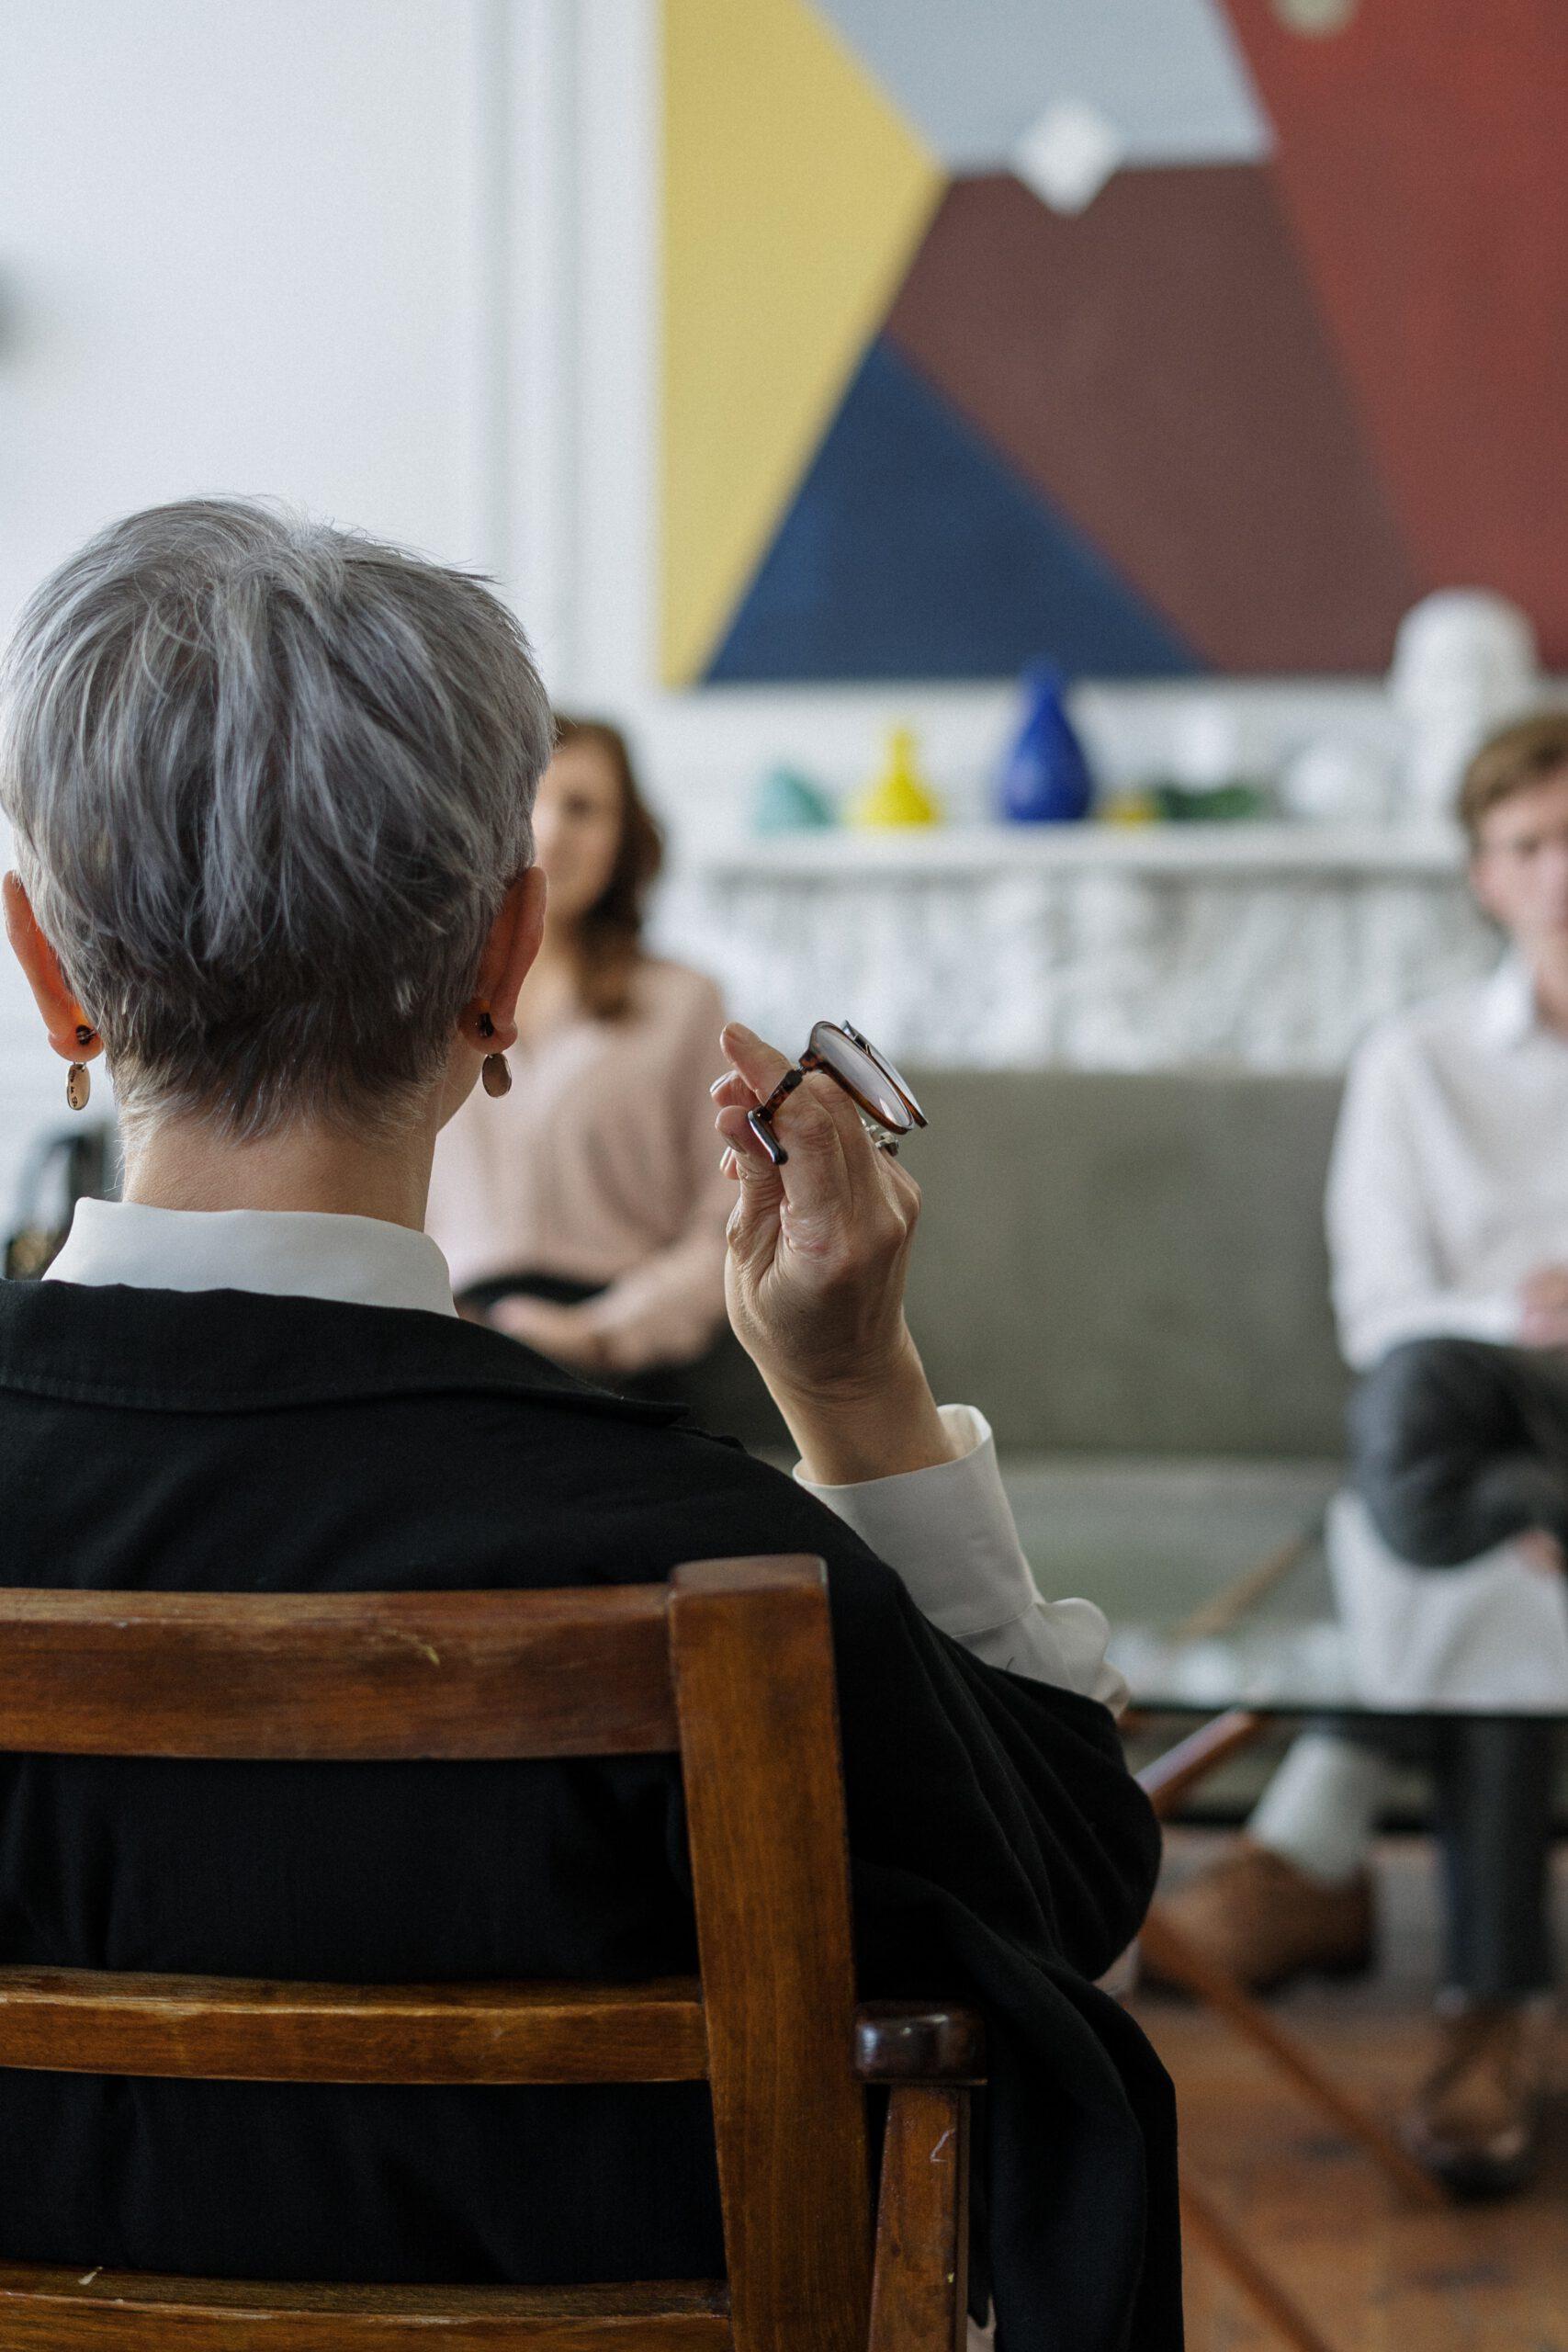 Czy w sprawie rozwodowej można korzystać z nagrań utrwalonych przez podsłuch